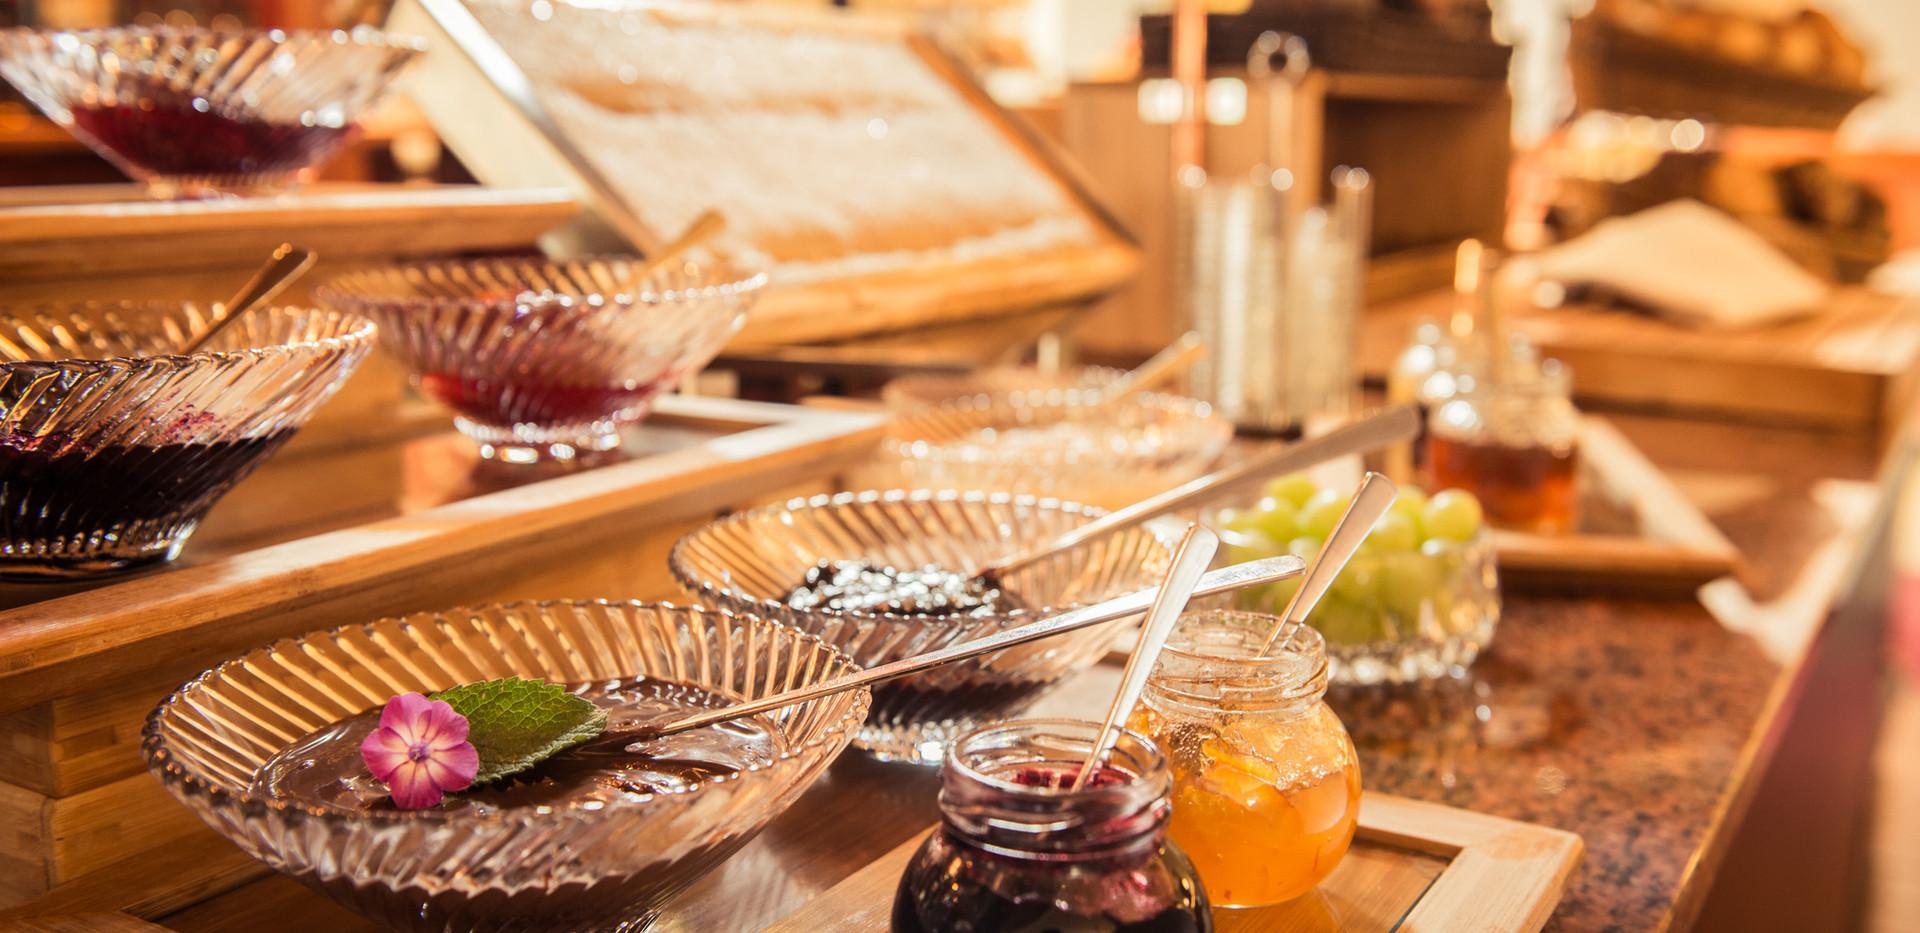 Marmeladen Aufstrich Frühstücks-Manufaktur